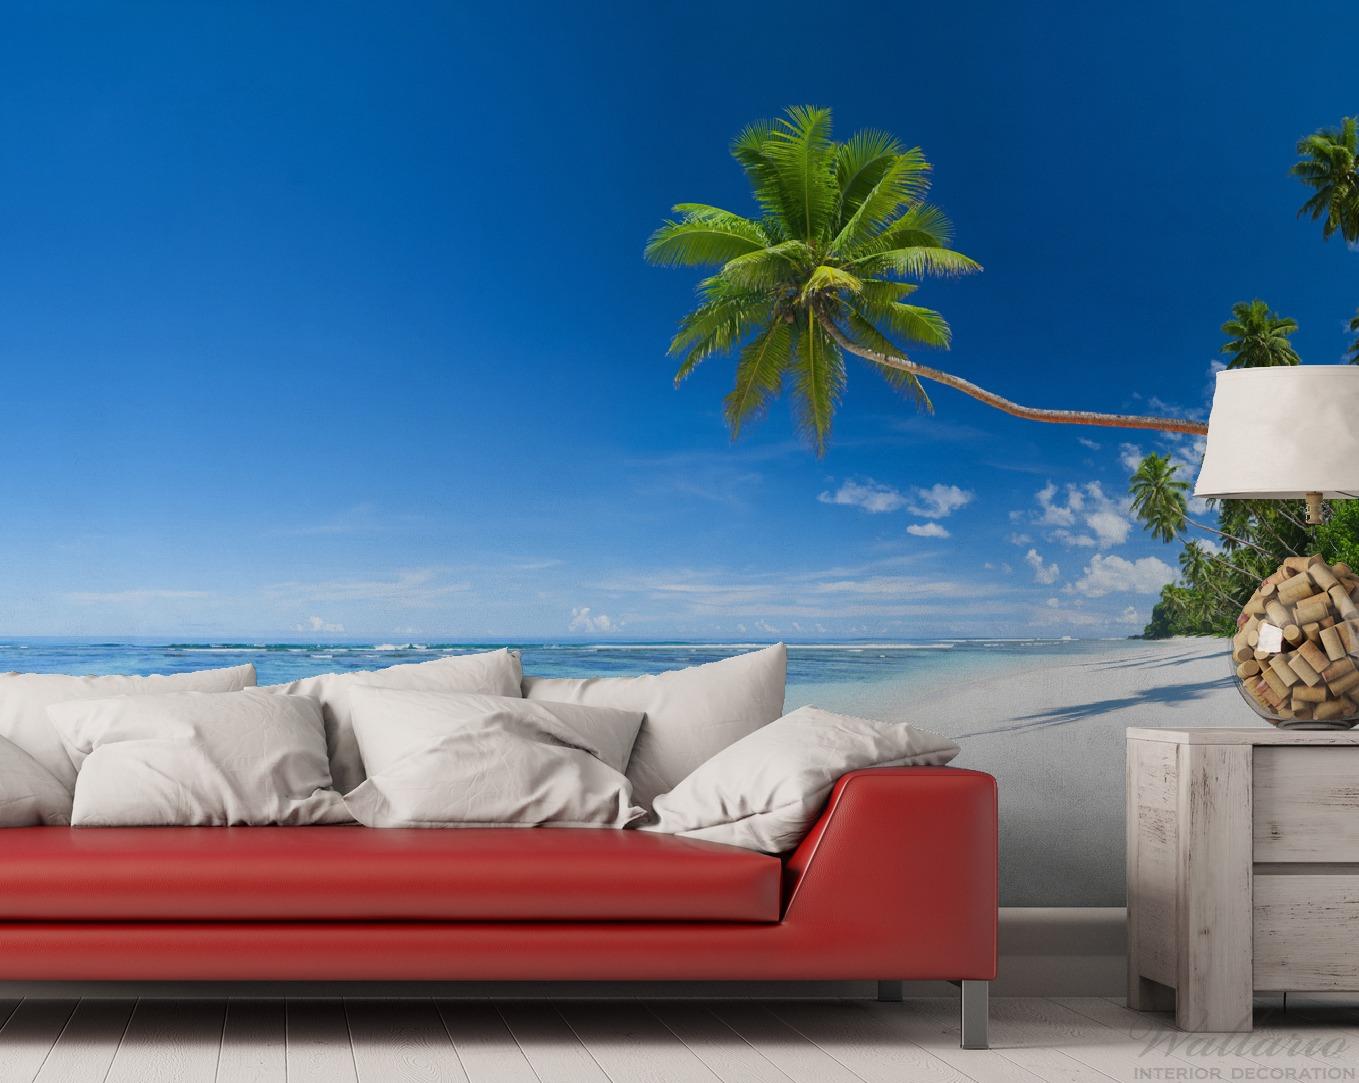 Vliestapete Weißer Sandstrand am Meer - Ein Traum unter Palmen – Bild 2